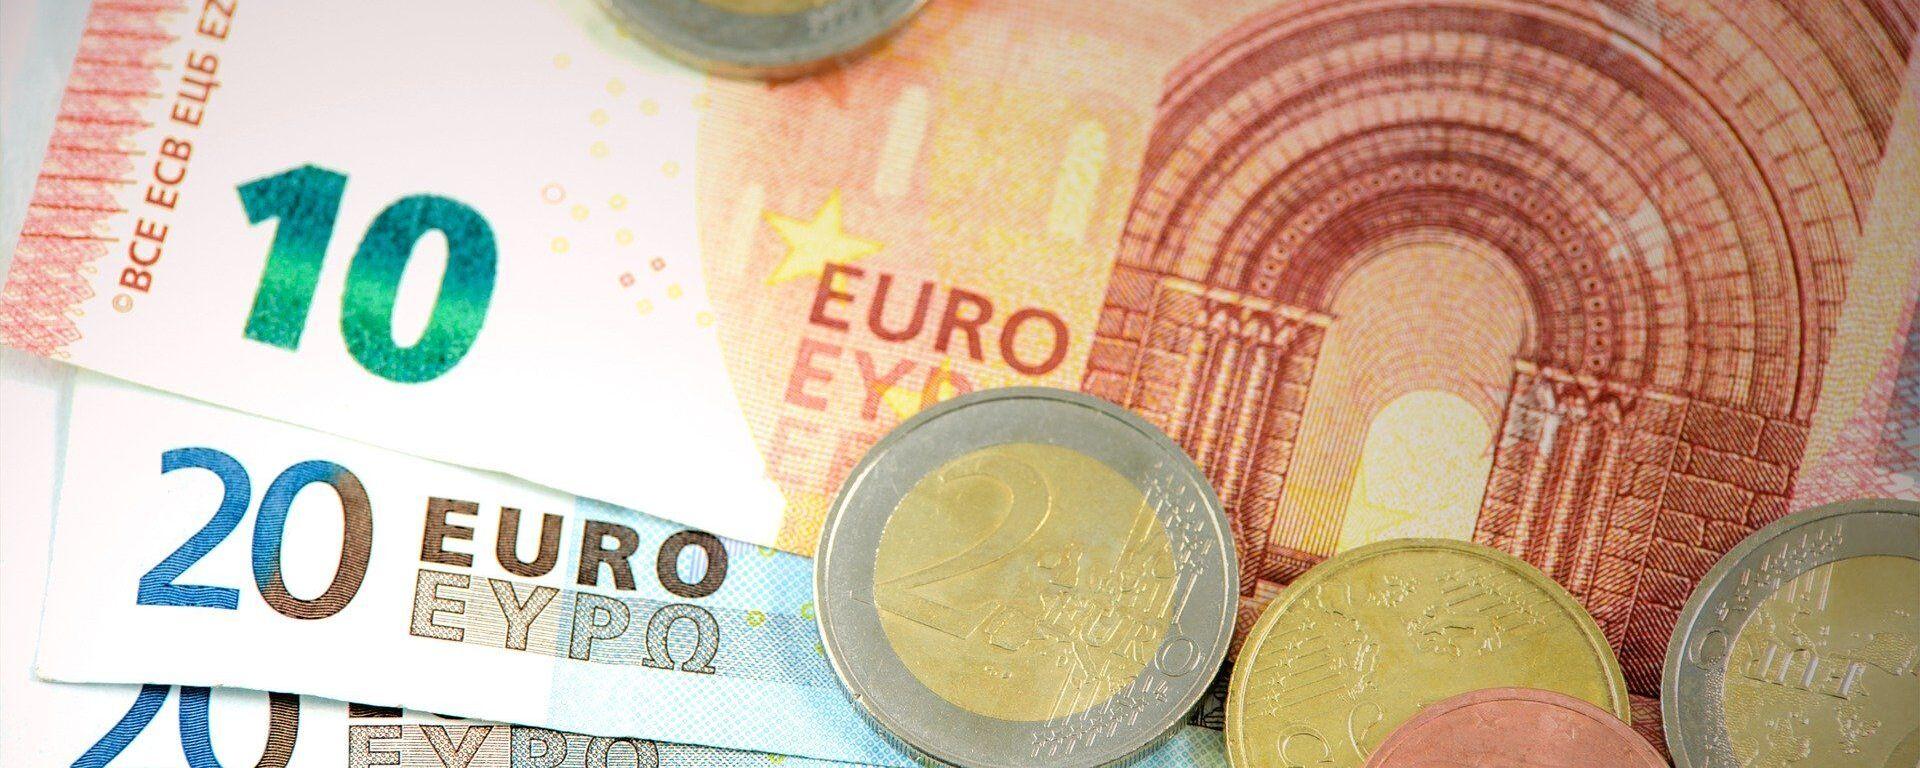 Billetes y monedas de euro (imagen referencial) - Sputnik Mundo, 1920, 03.08.2021